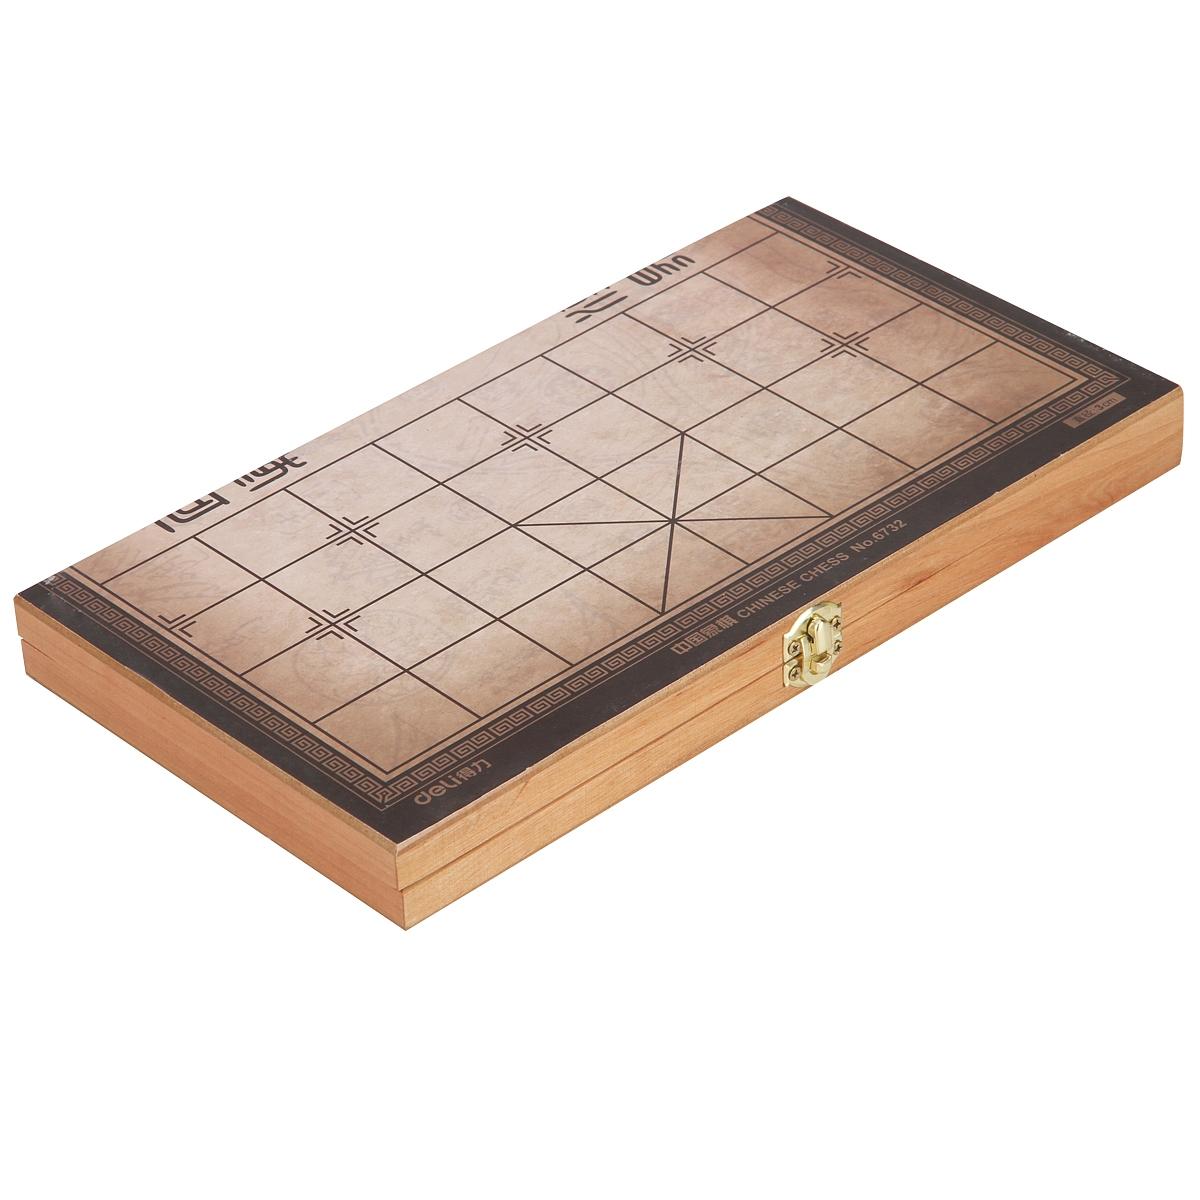 得力 6732 中国象棋 30mm (单位:盒) 原木色